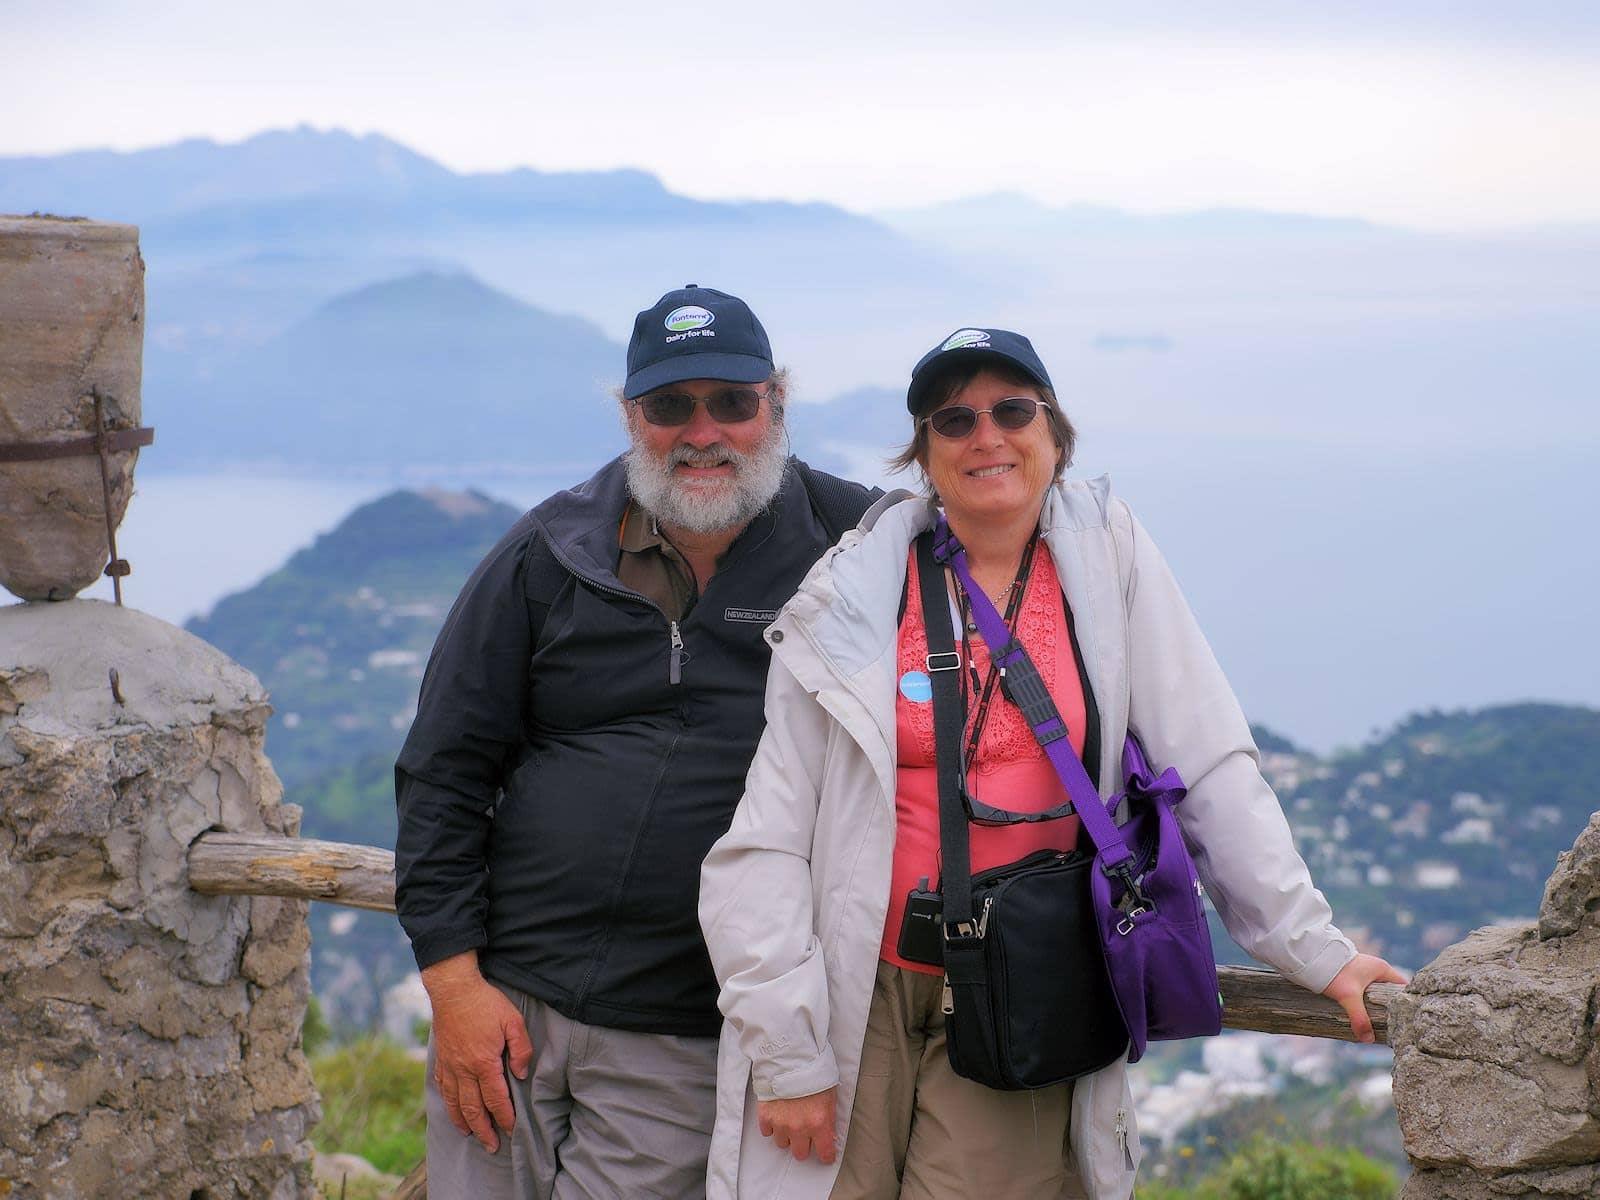 Fiona & John from Cambridge, New Zealand